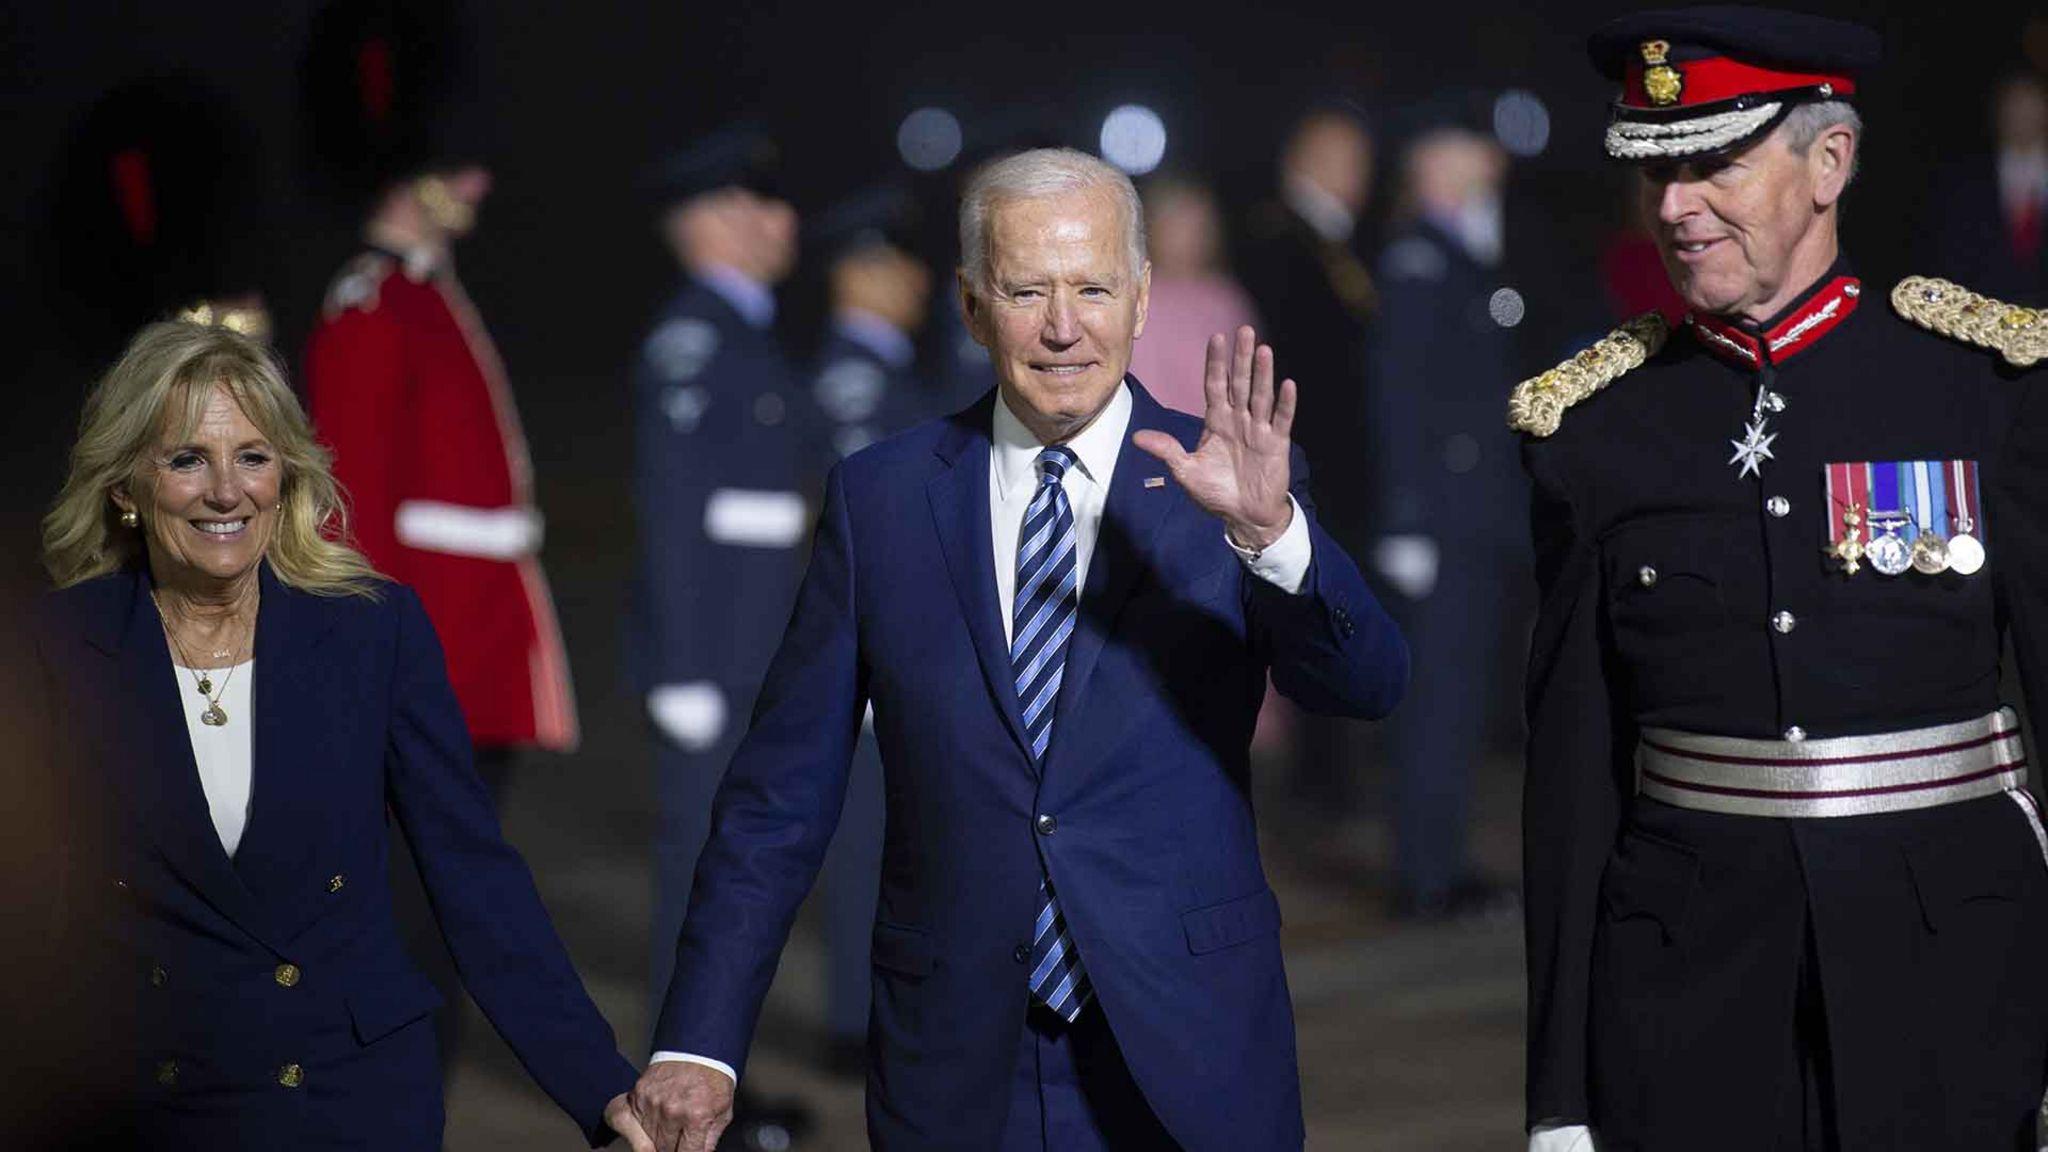 President Biden arriving in Newquay, 9 June 2021